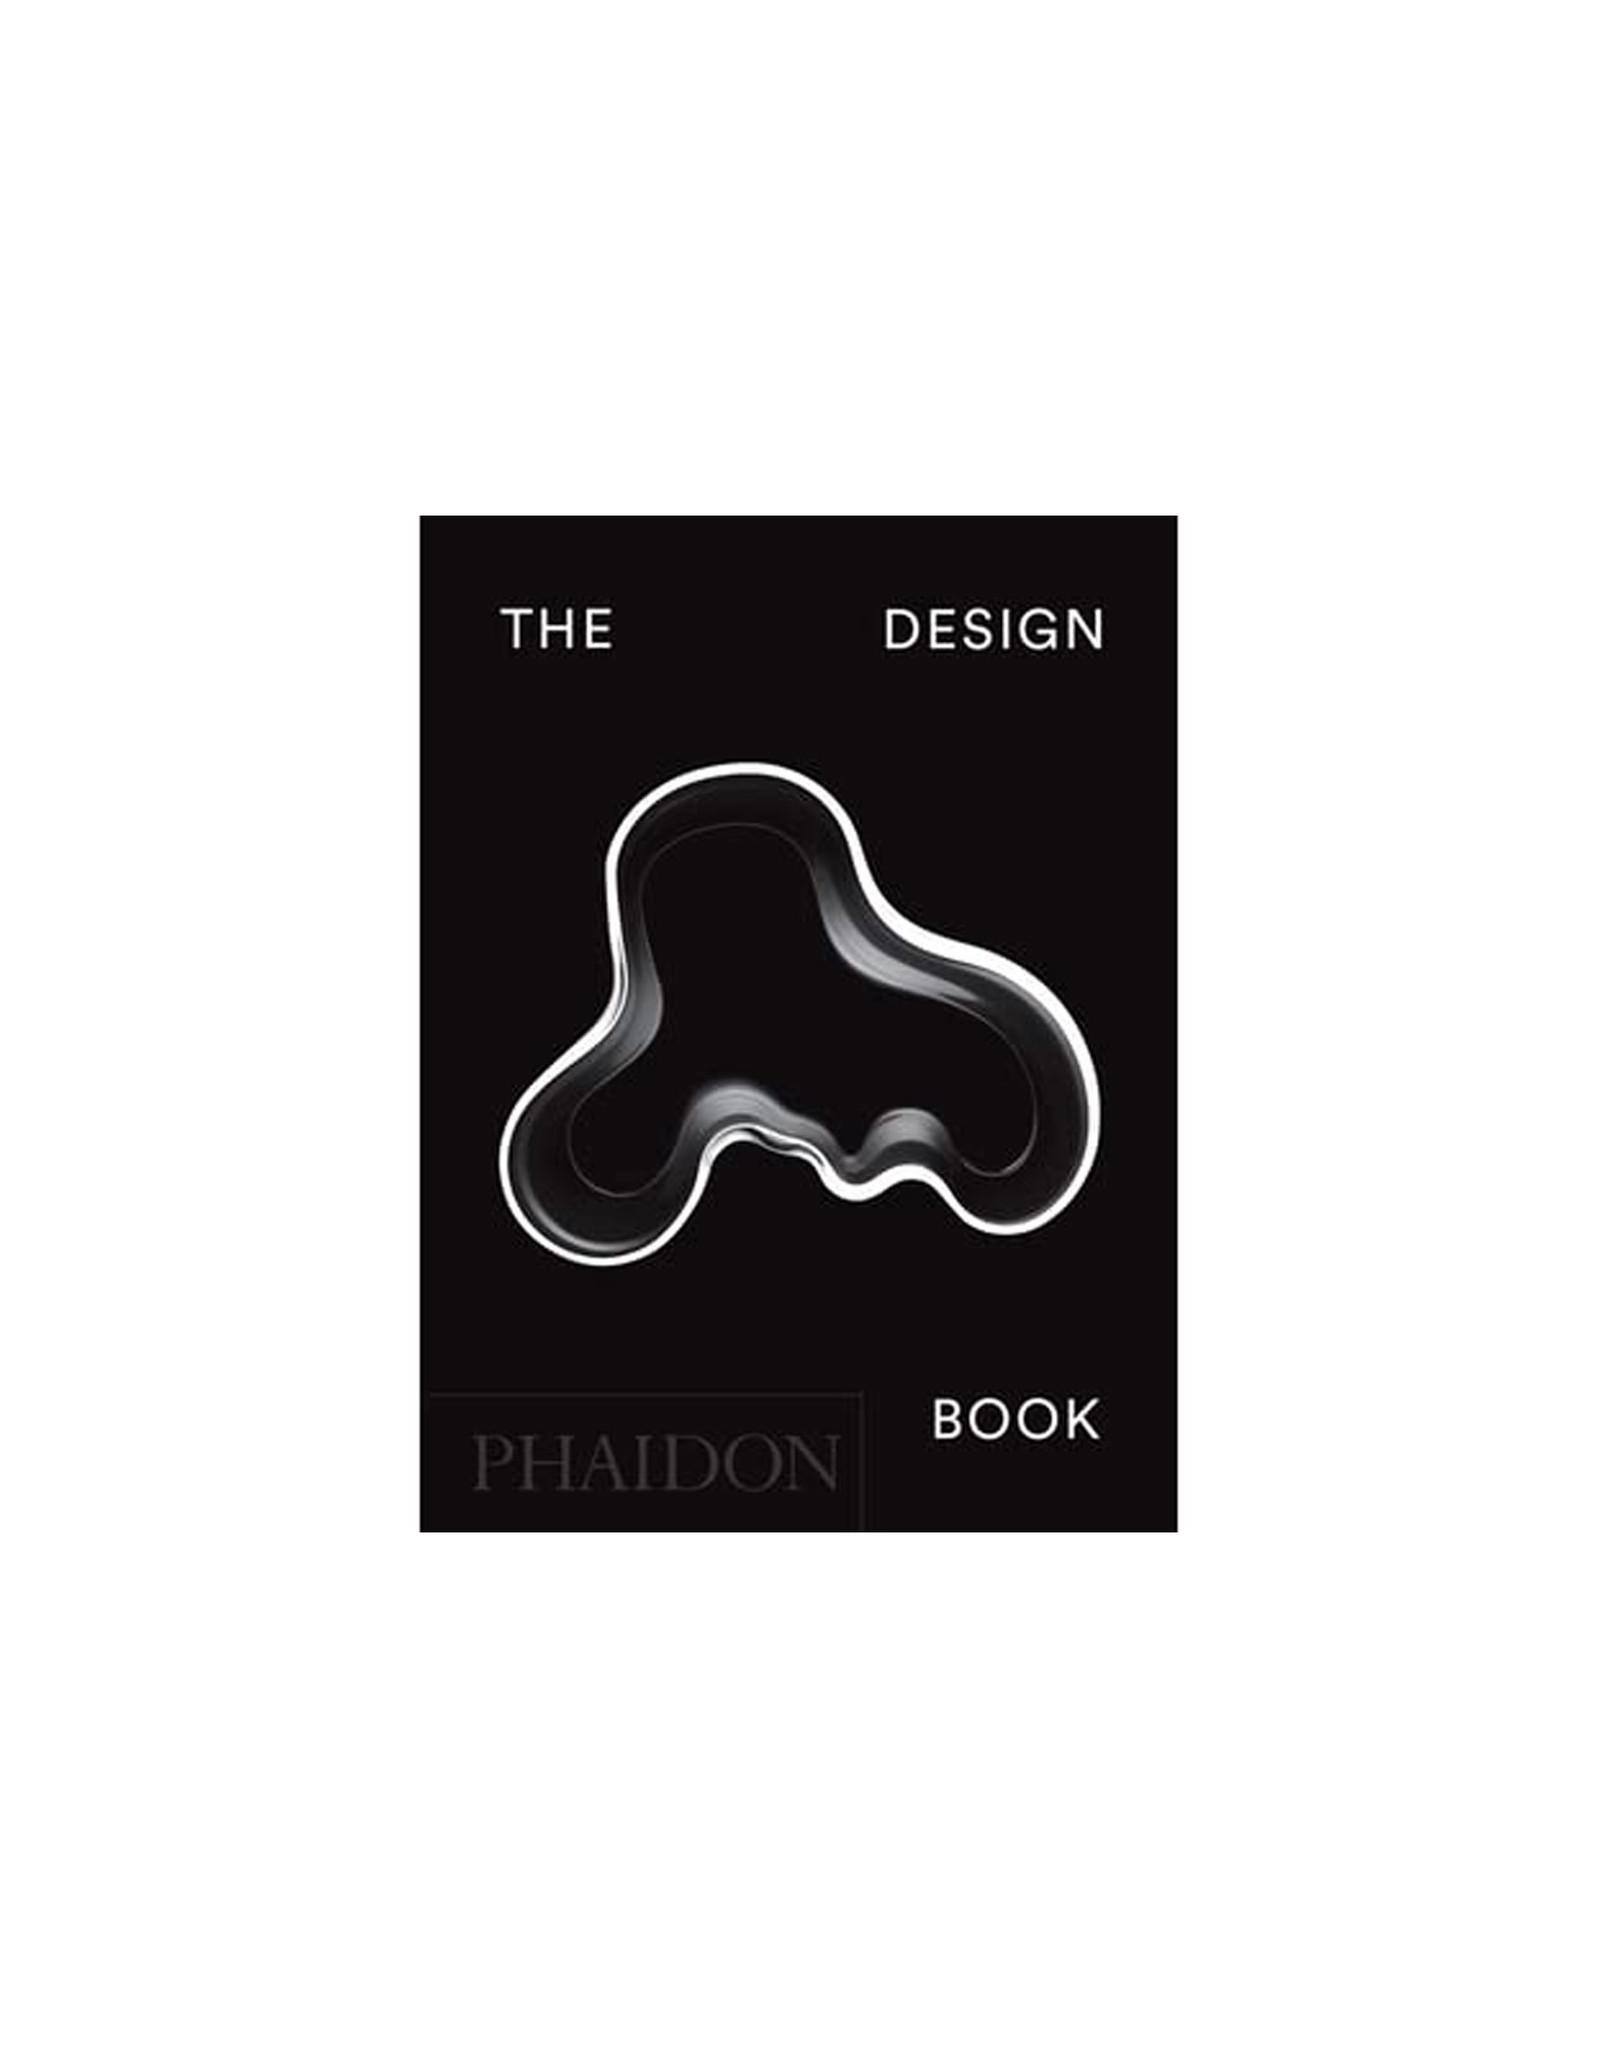 The Design Book (Phaidon 2020)